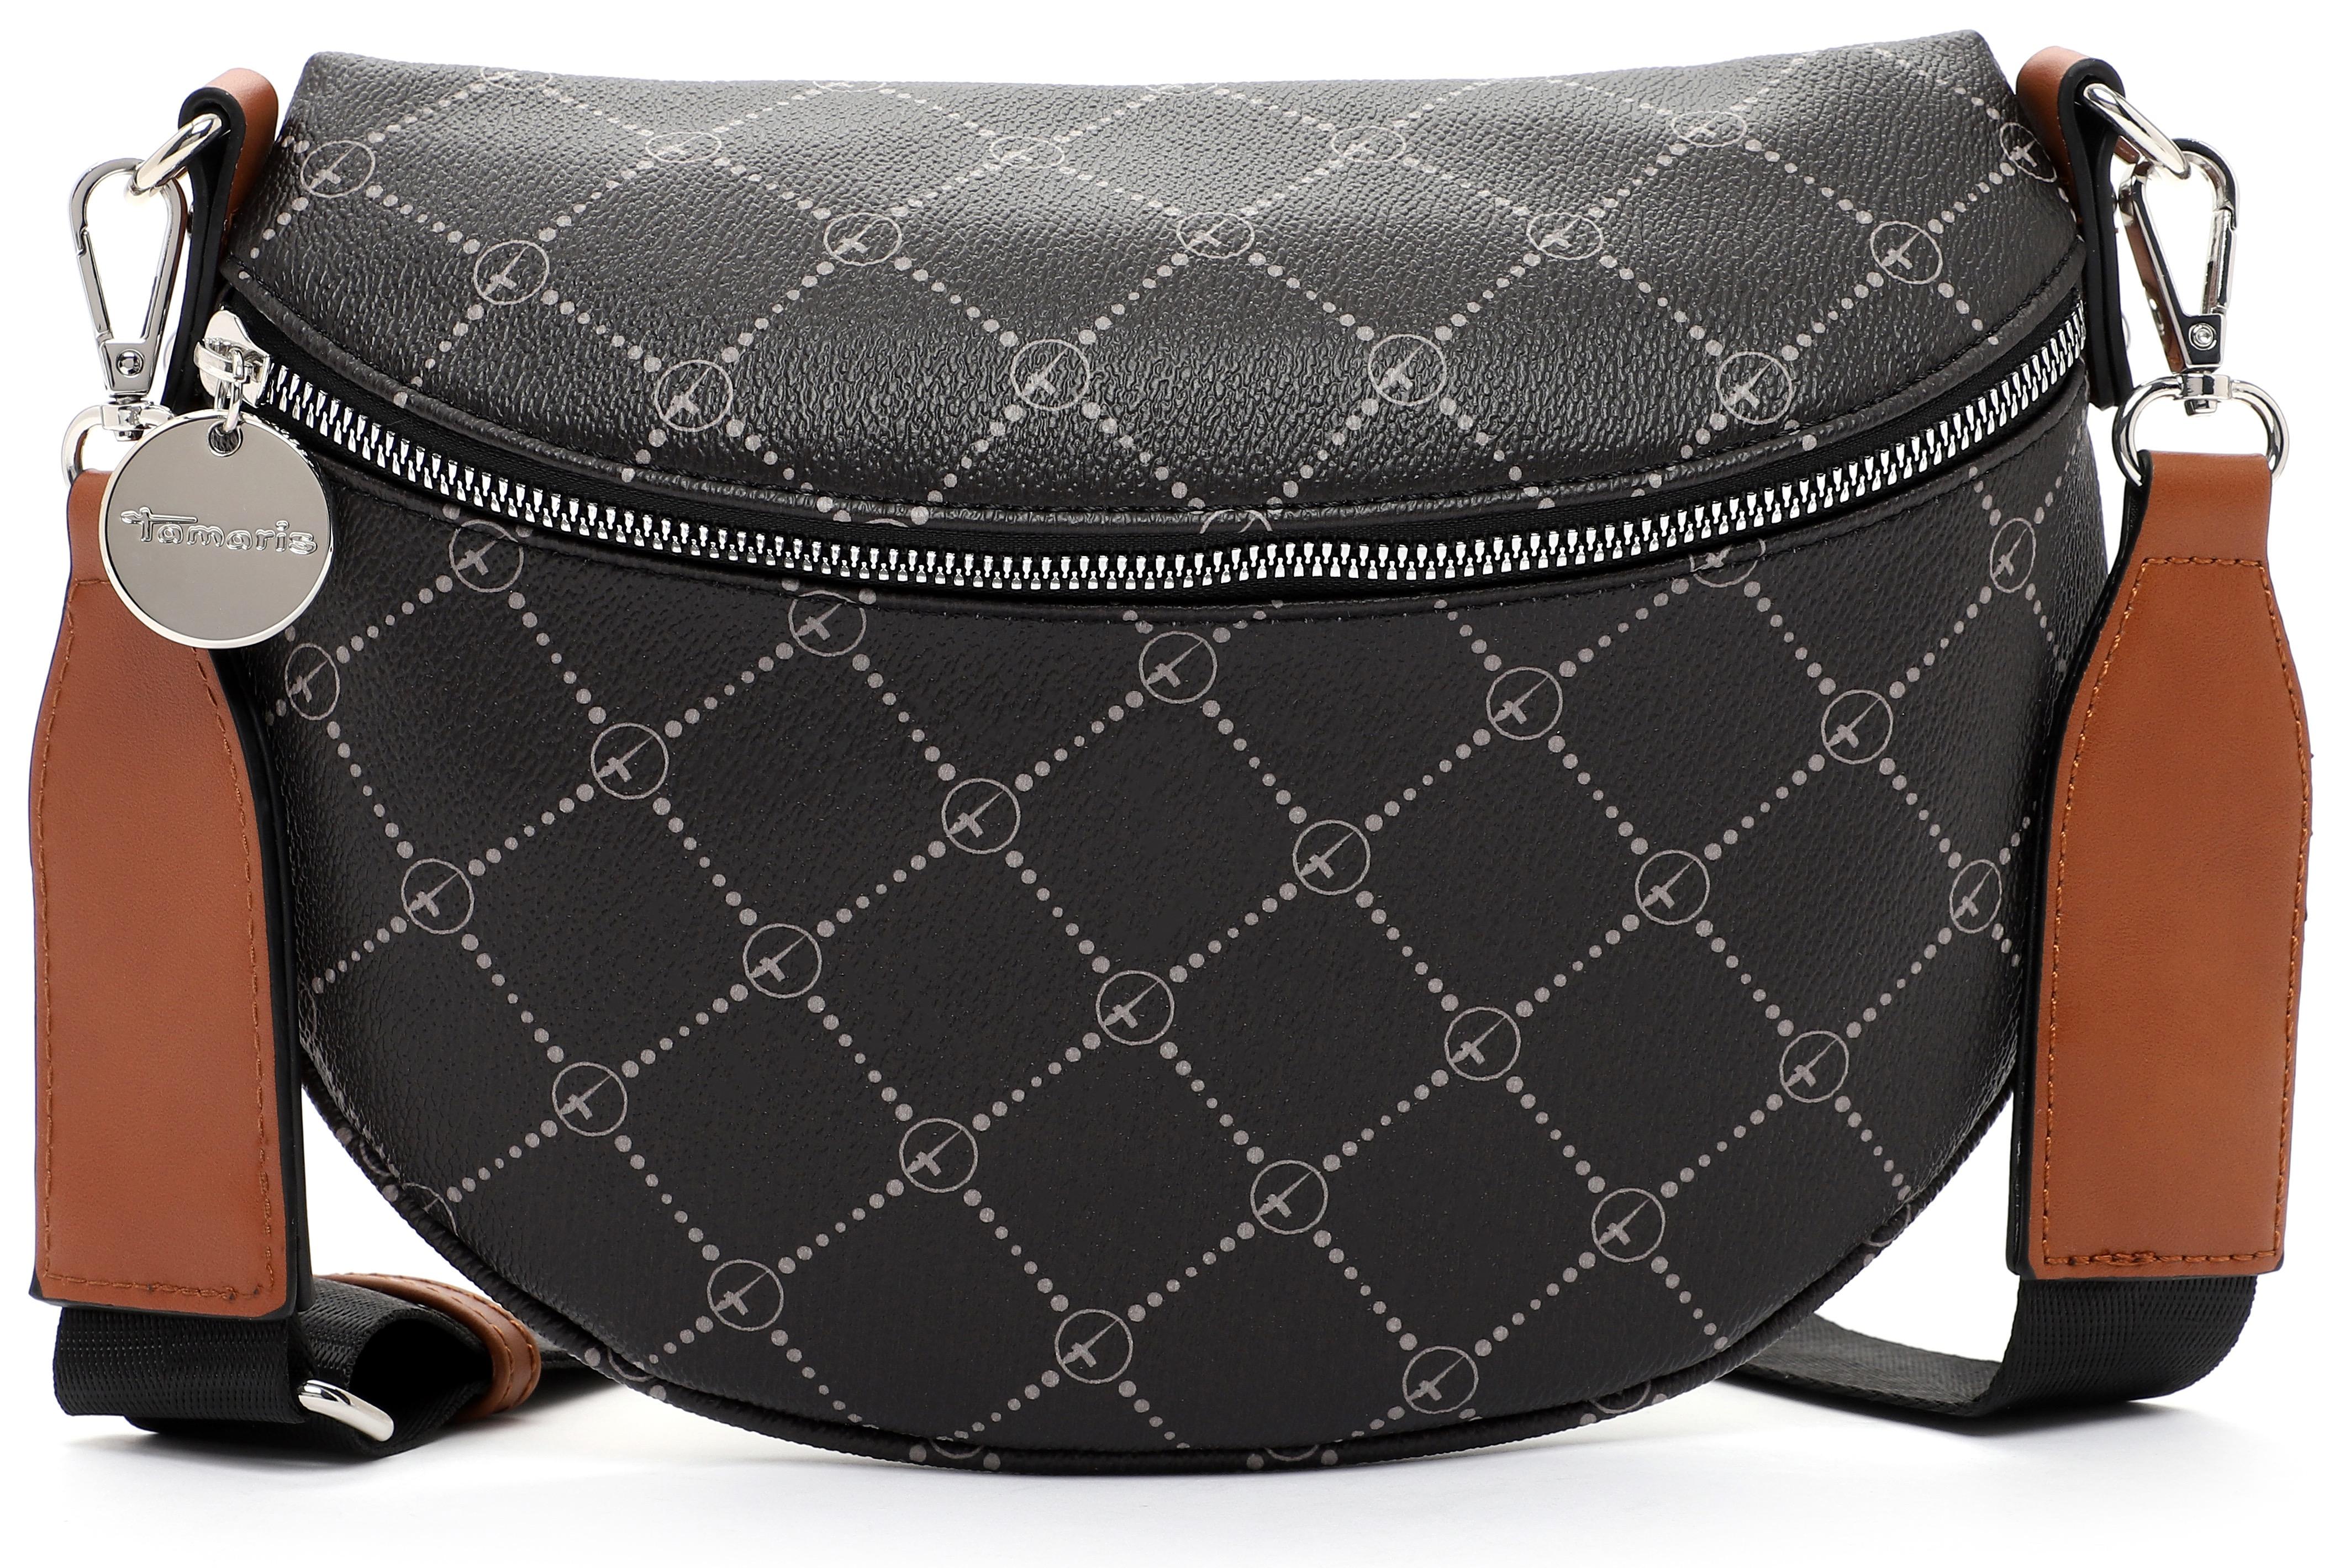 tamaris -  Bauchtasche Anastasia Classic, als Bauch- oder Brusttasche tragbar